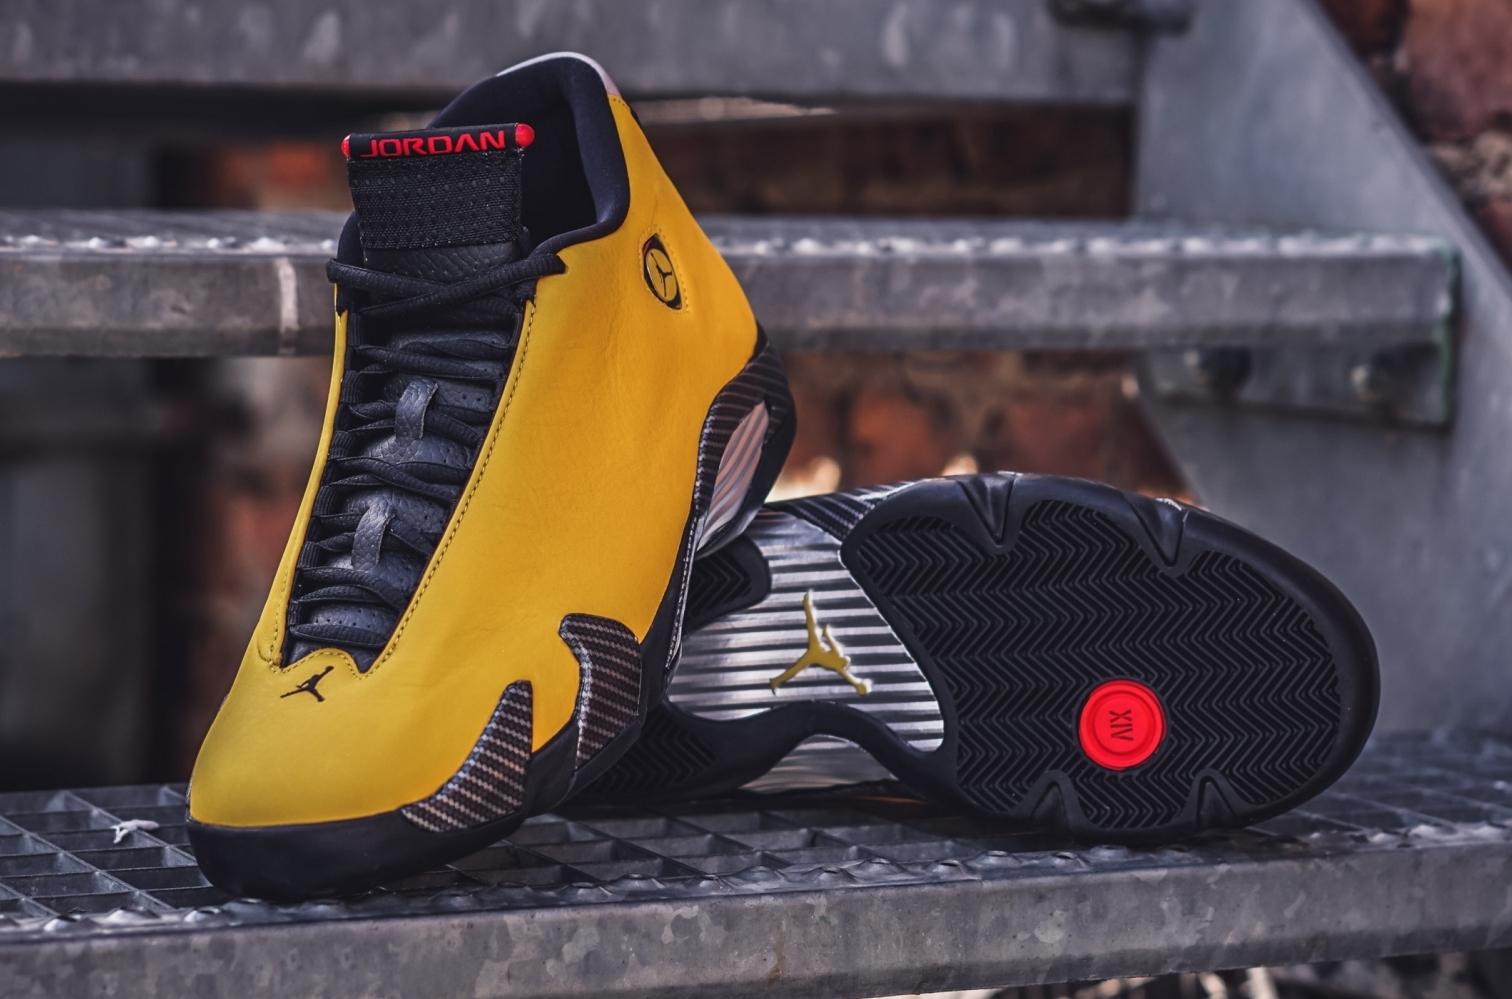 new release best shoes on feet shots of Air Jordan 14 Reverse Ferrari (Yellow Ferrari) • KicksOnFire.com